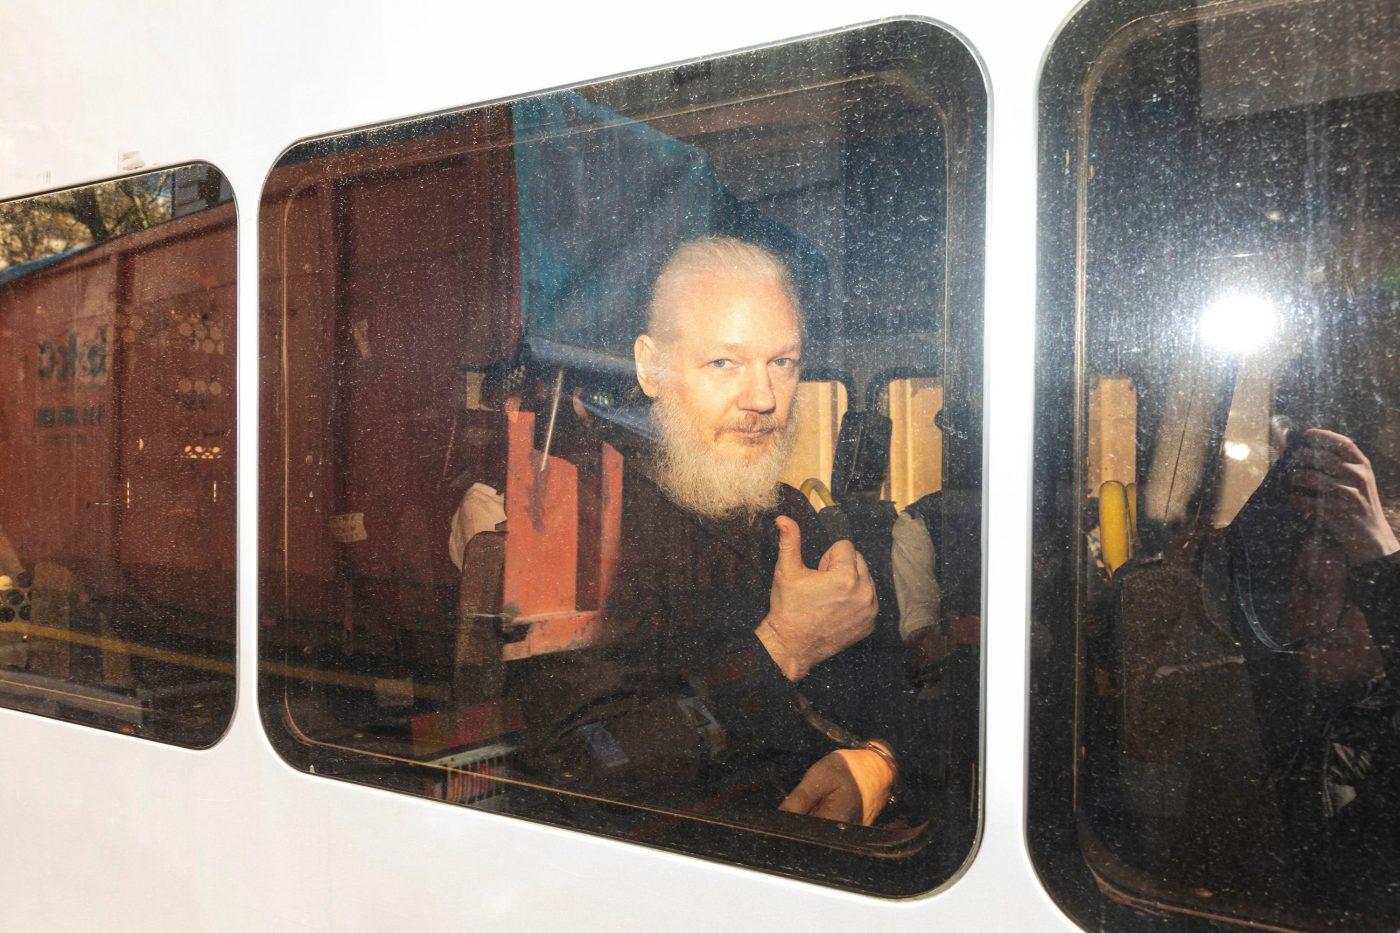 Fețele lui Assange. Un scandal cu dus și-ntors, pe scurt